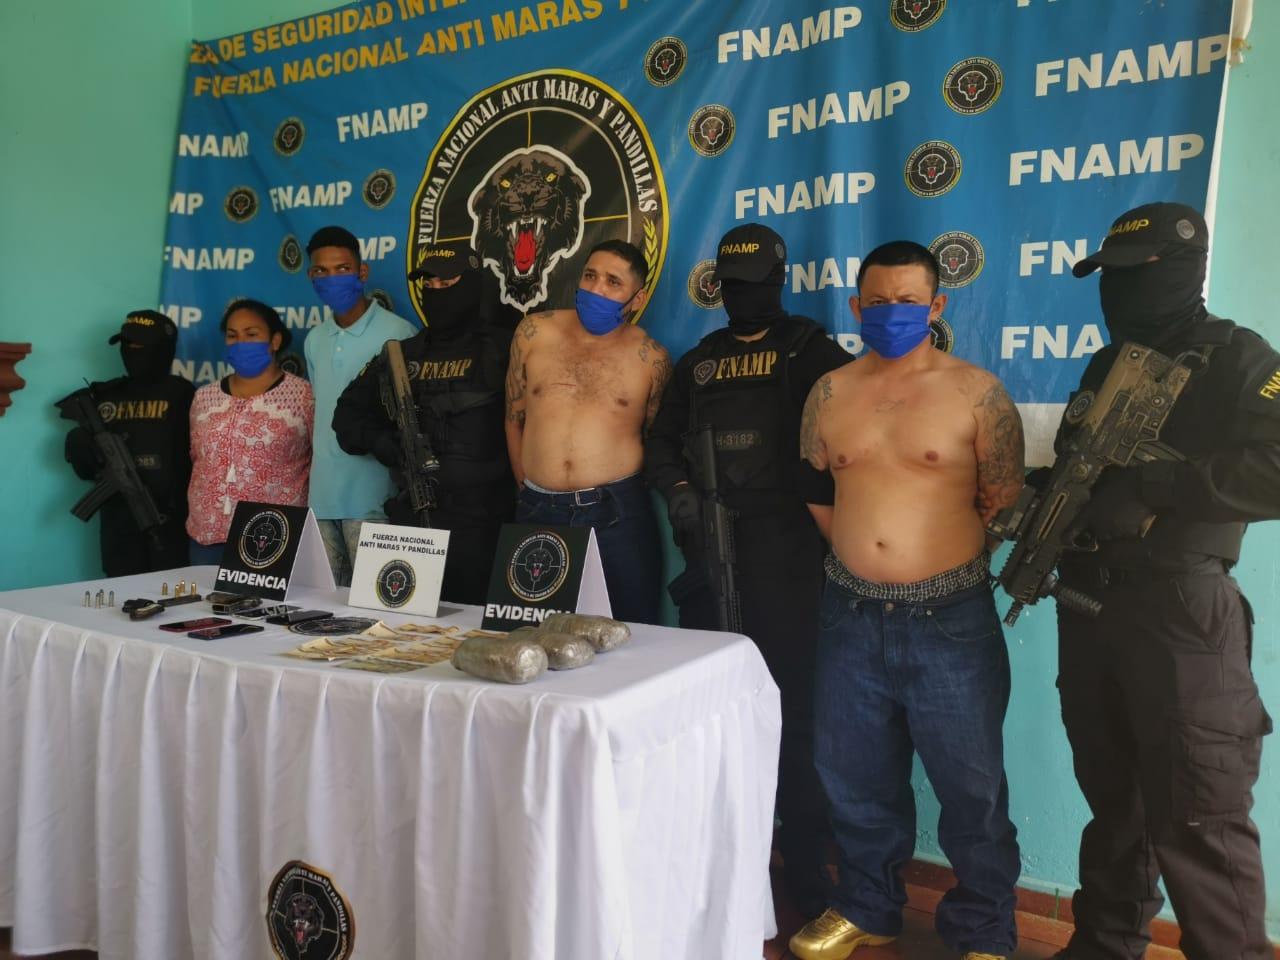 FNAMP captura a  cabecilla y a otros supuestos extorsionadores  de la pandilla 18 en La Ceiba